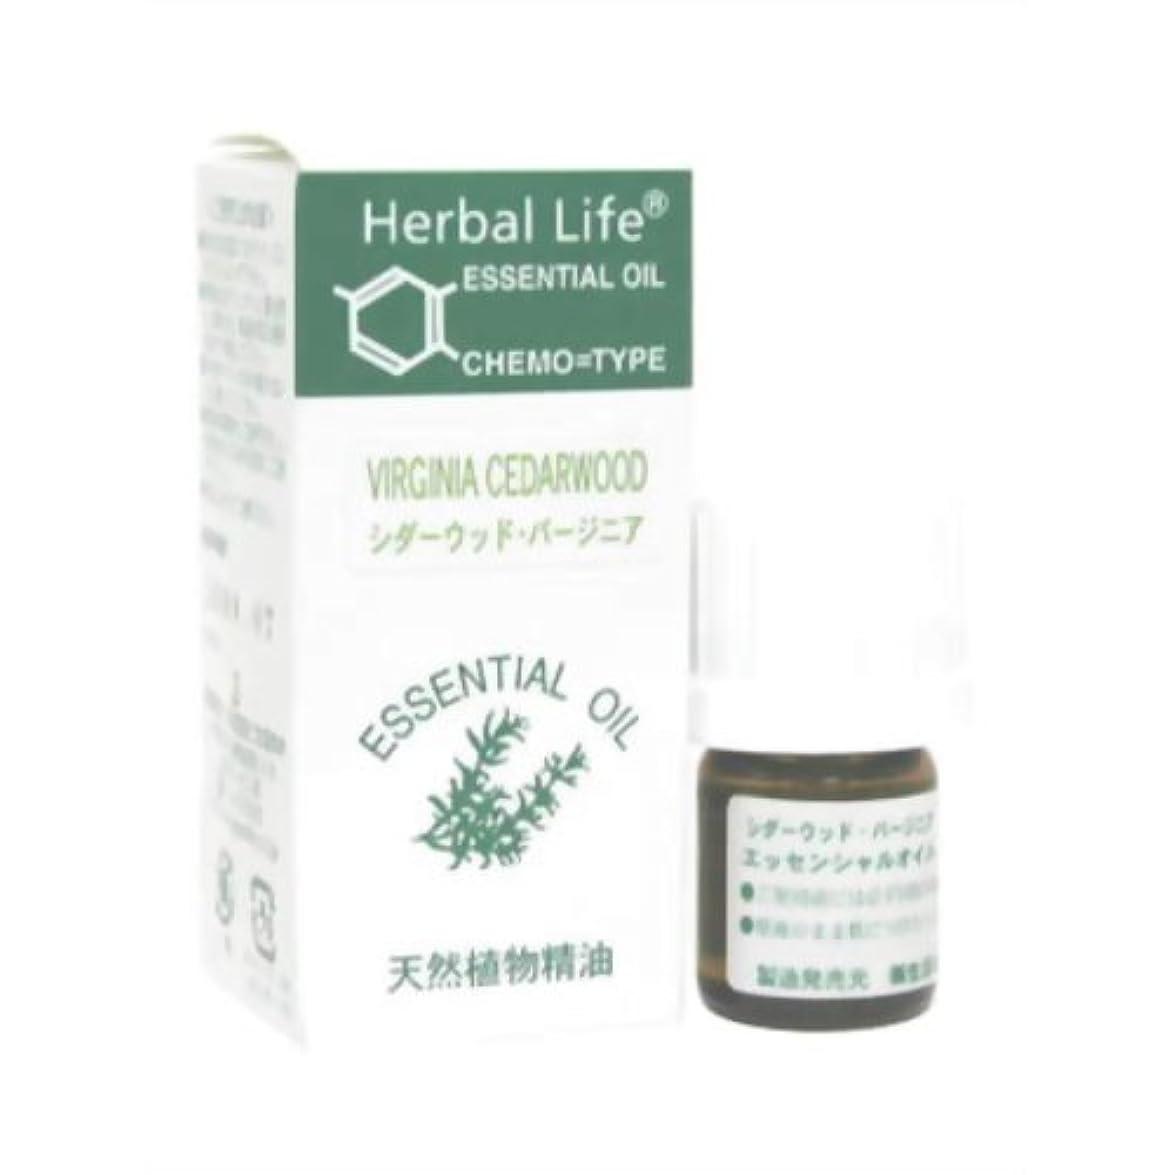 生活の木 Herbal Life シダーウッド?バージニア 3ml